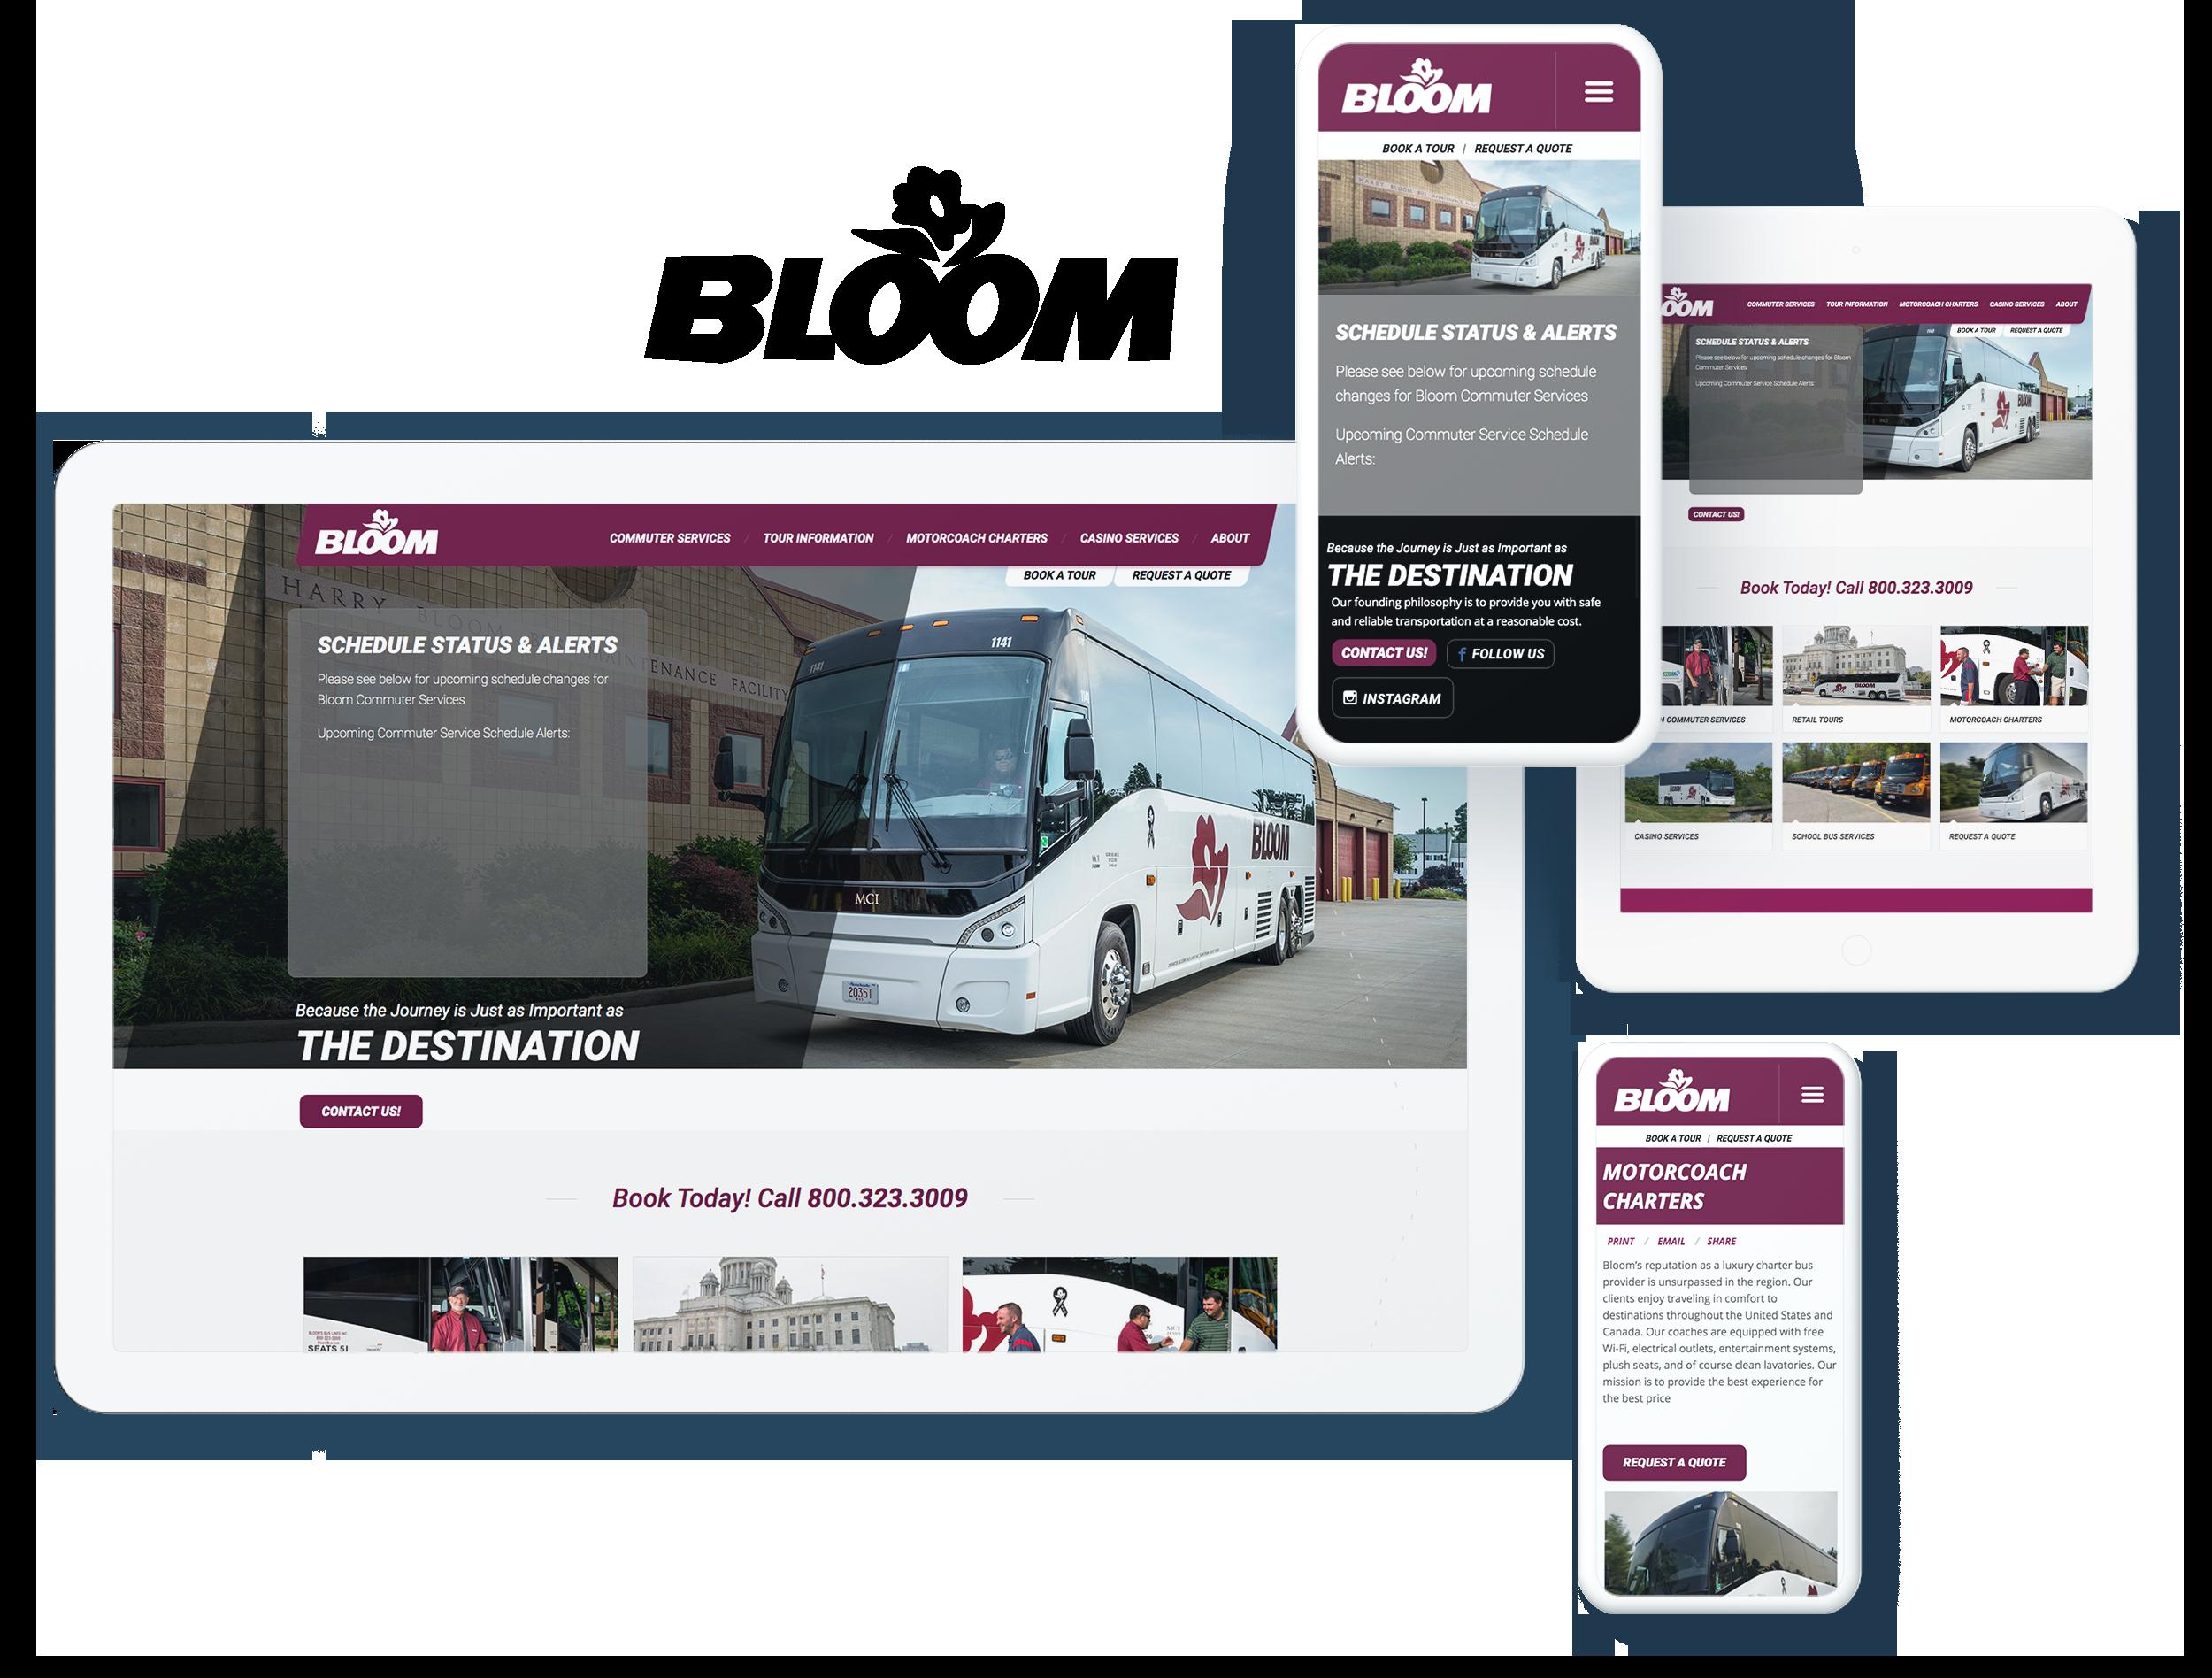 Bloom Bus Lines